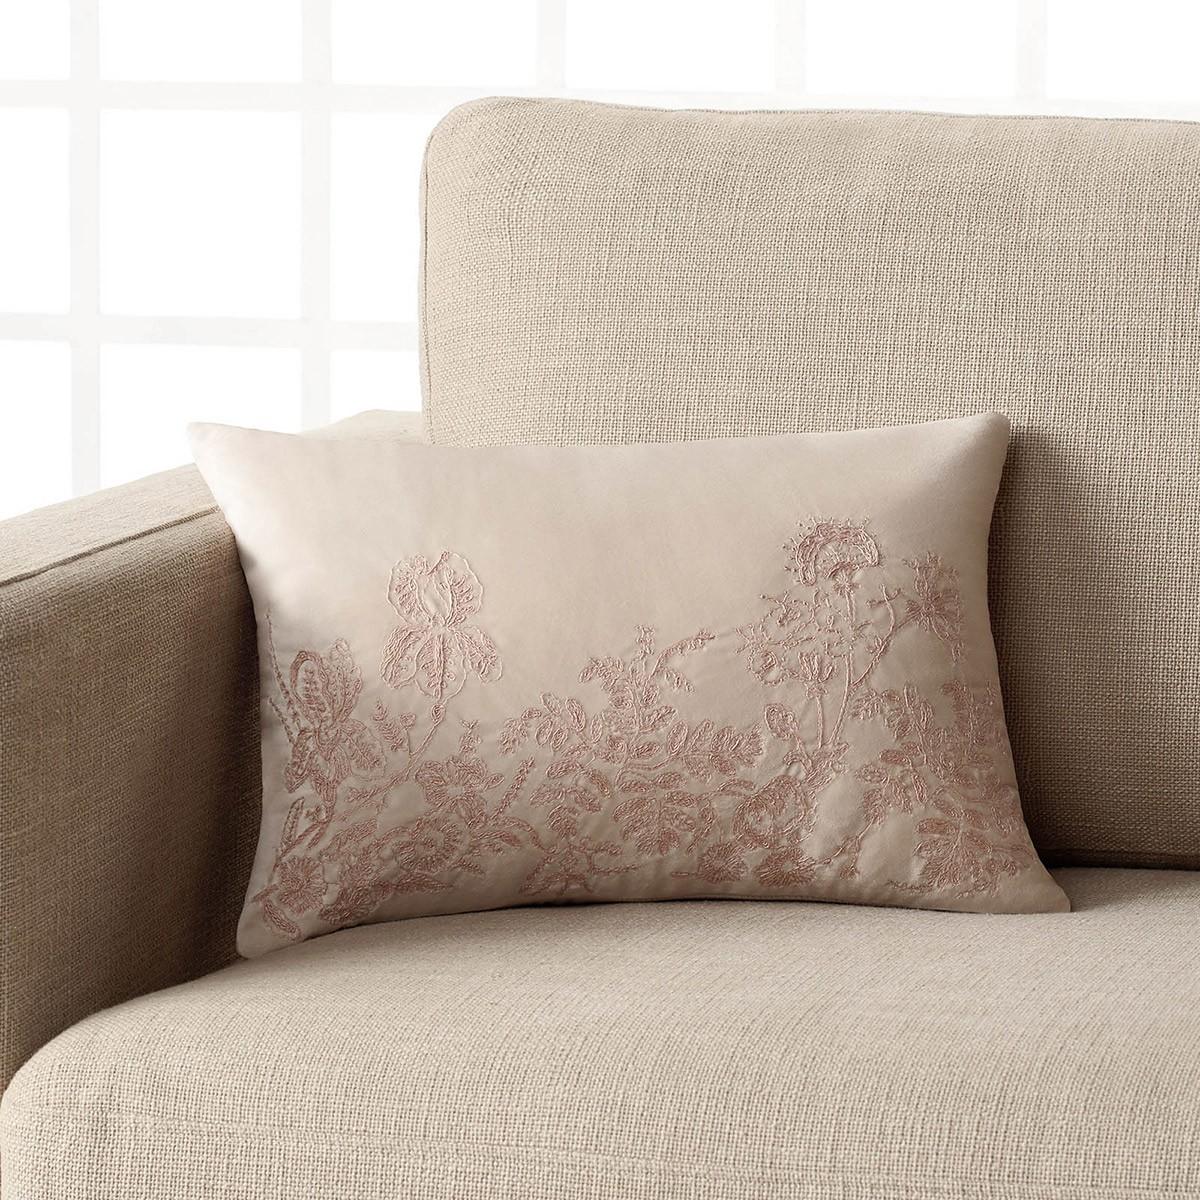 Διακοσμητική Μαξιλαροθήκη Gofis Home Eden Pink 544/05